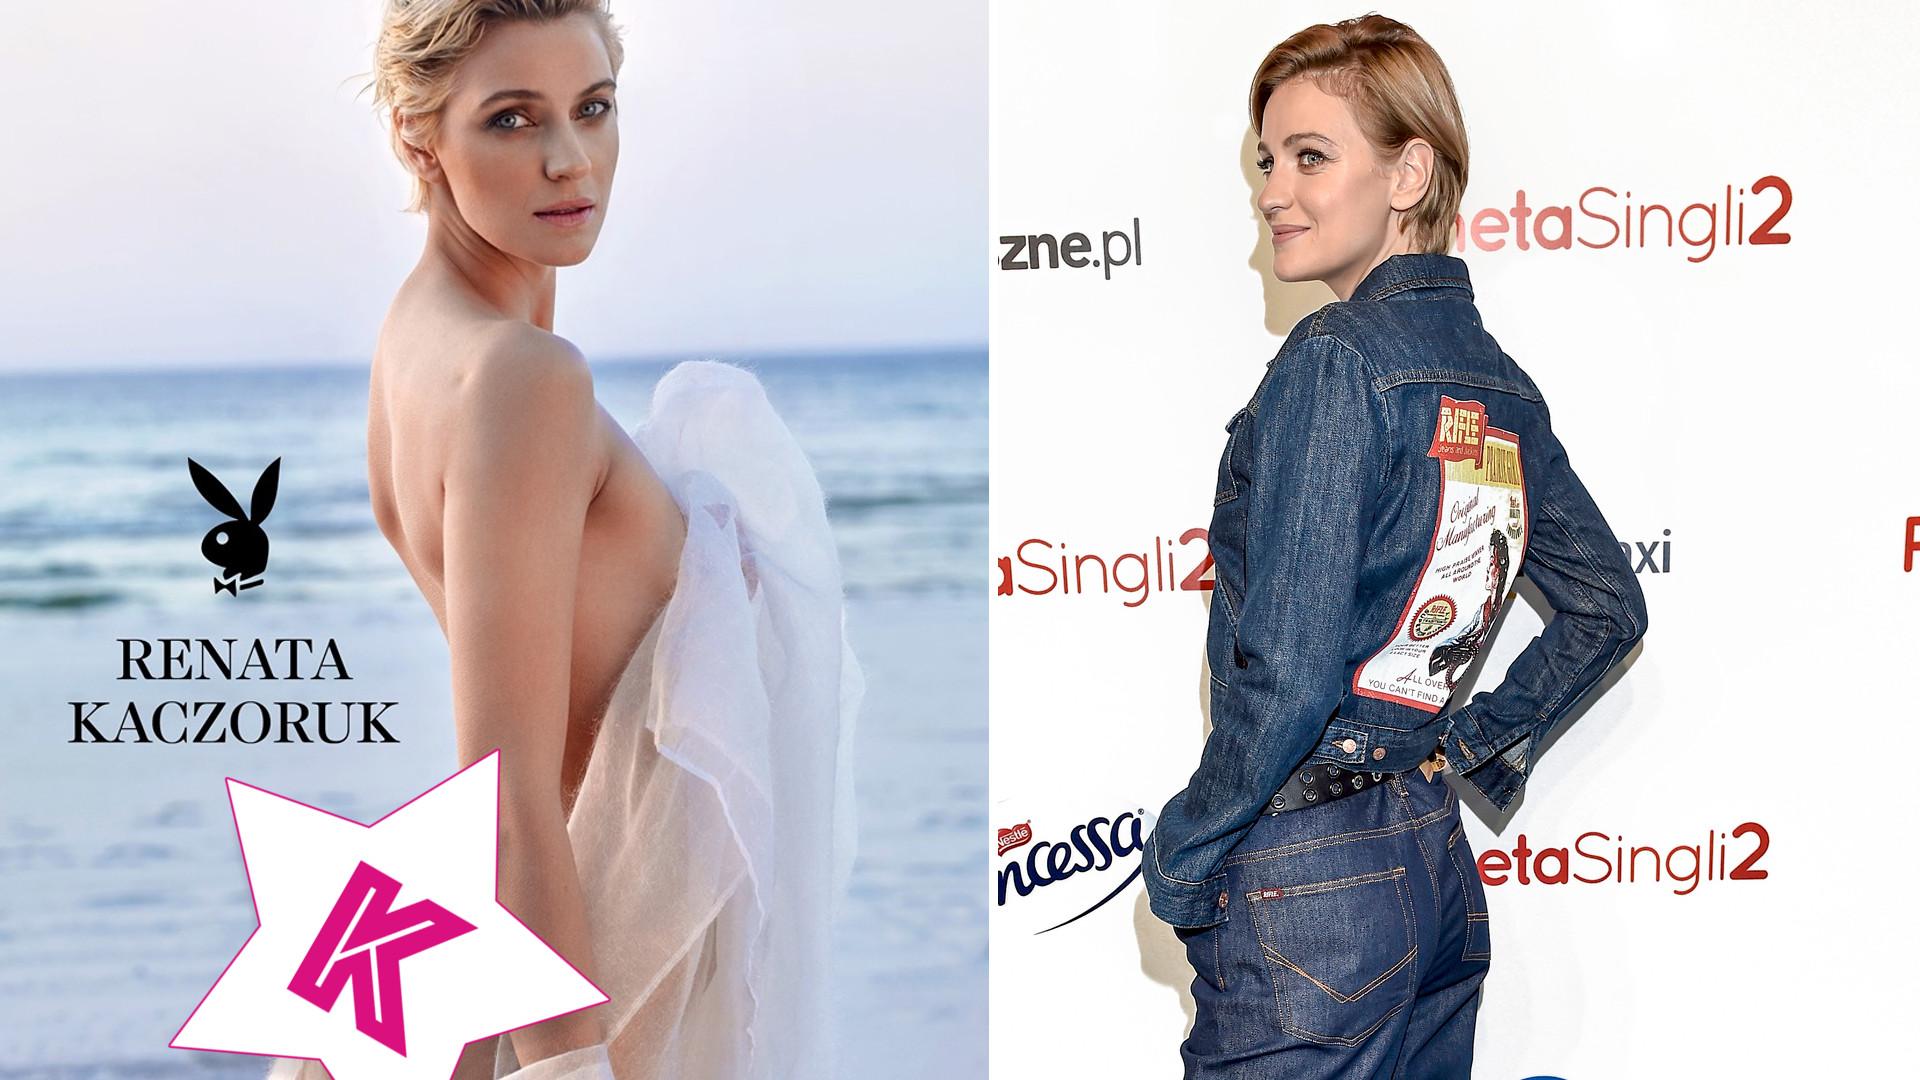 Grafik zaszalał z PUPĄ Renaty Kaczoruk na okładce Playboya? Była dziewczyna Kuby Wojewódzkiego rozebrała się dla magazynu